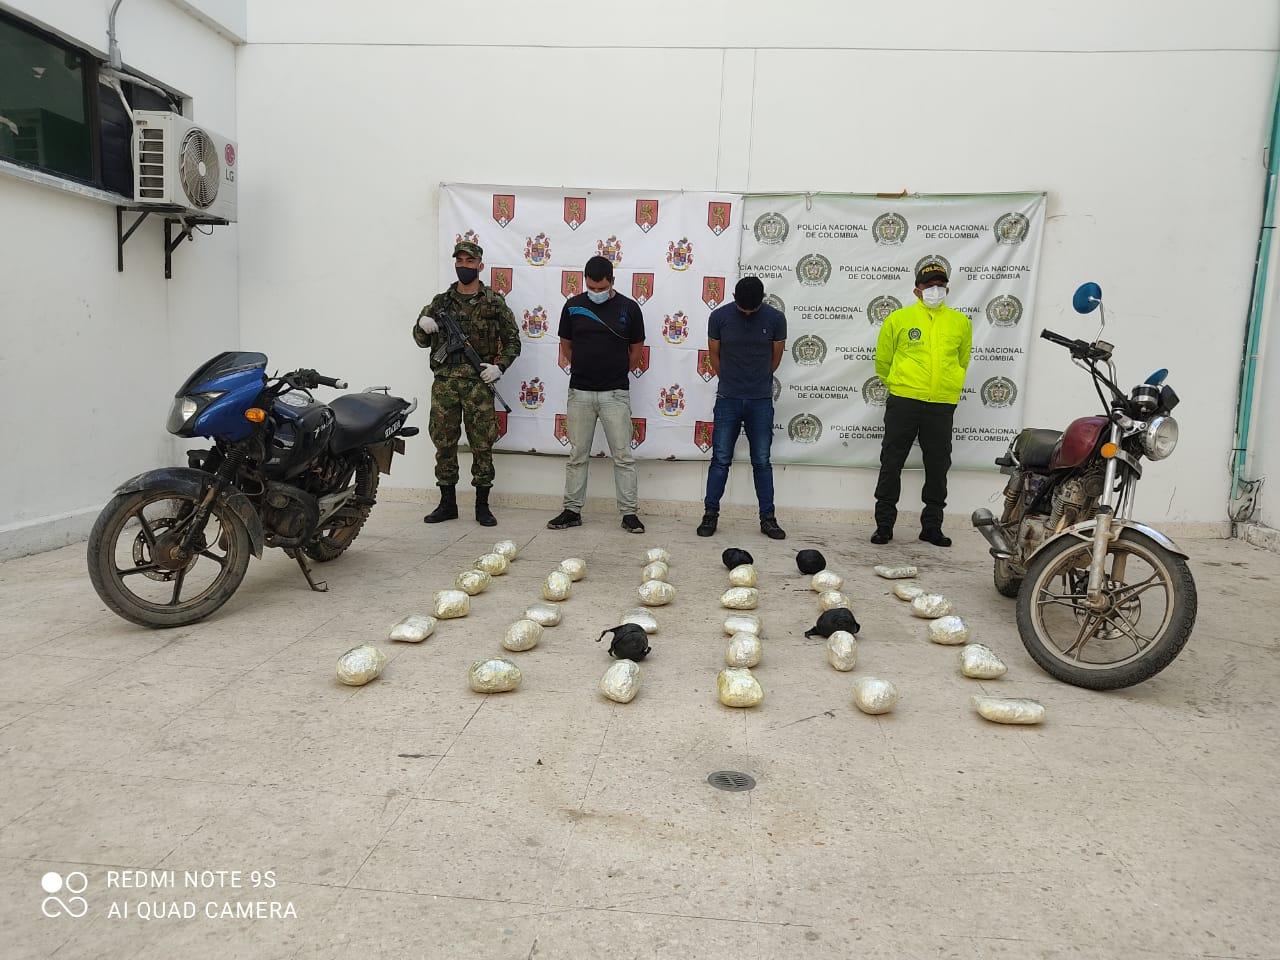 hoyennoticia.com, Se cayeron con 35 kilos de base de coca